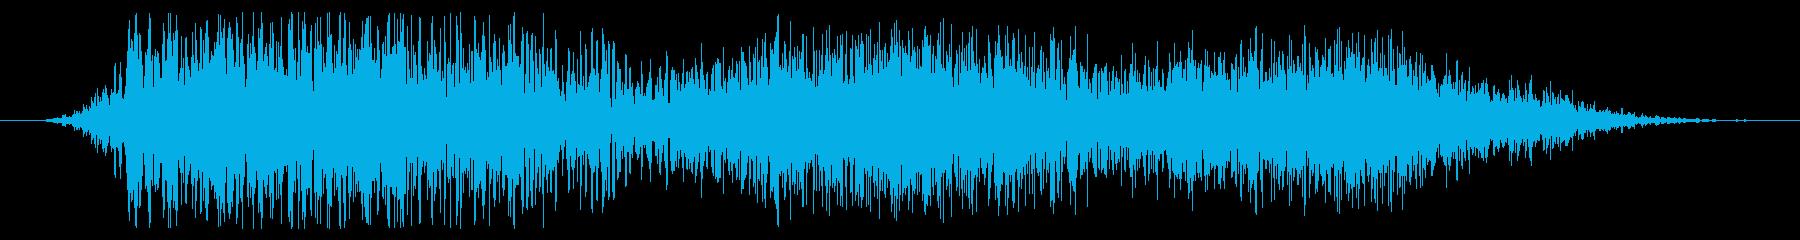 ウェーブパワーウーシュの再生済みの波形